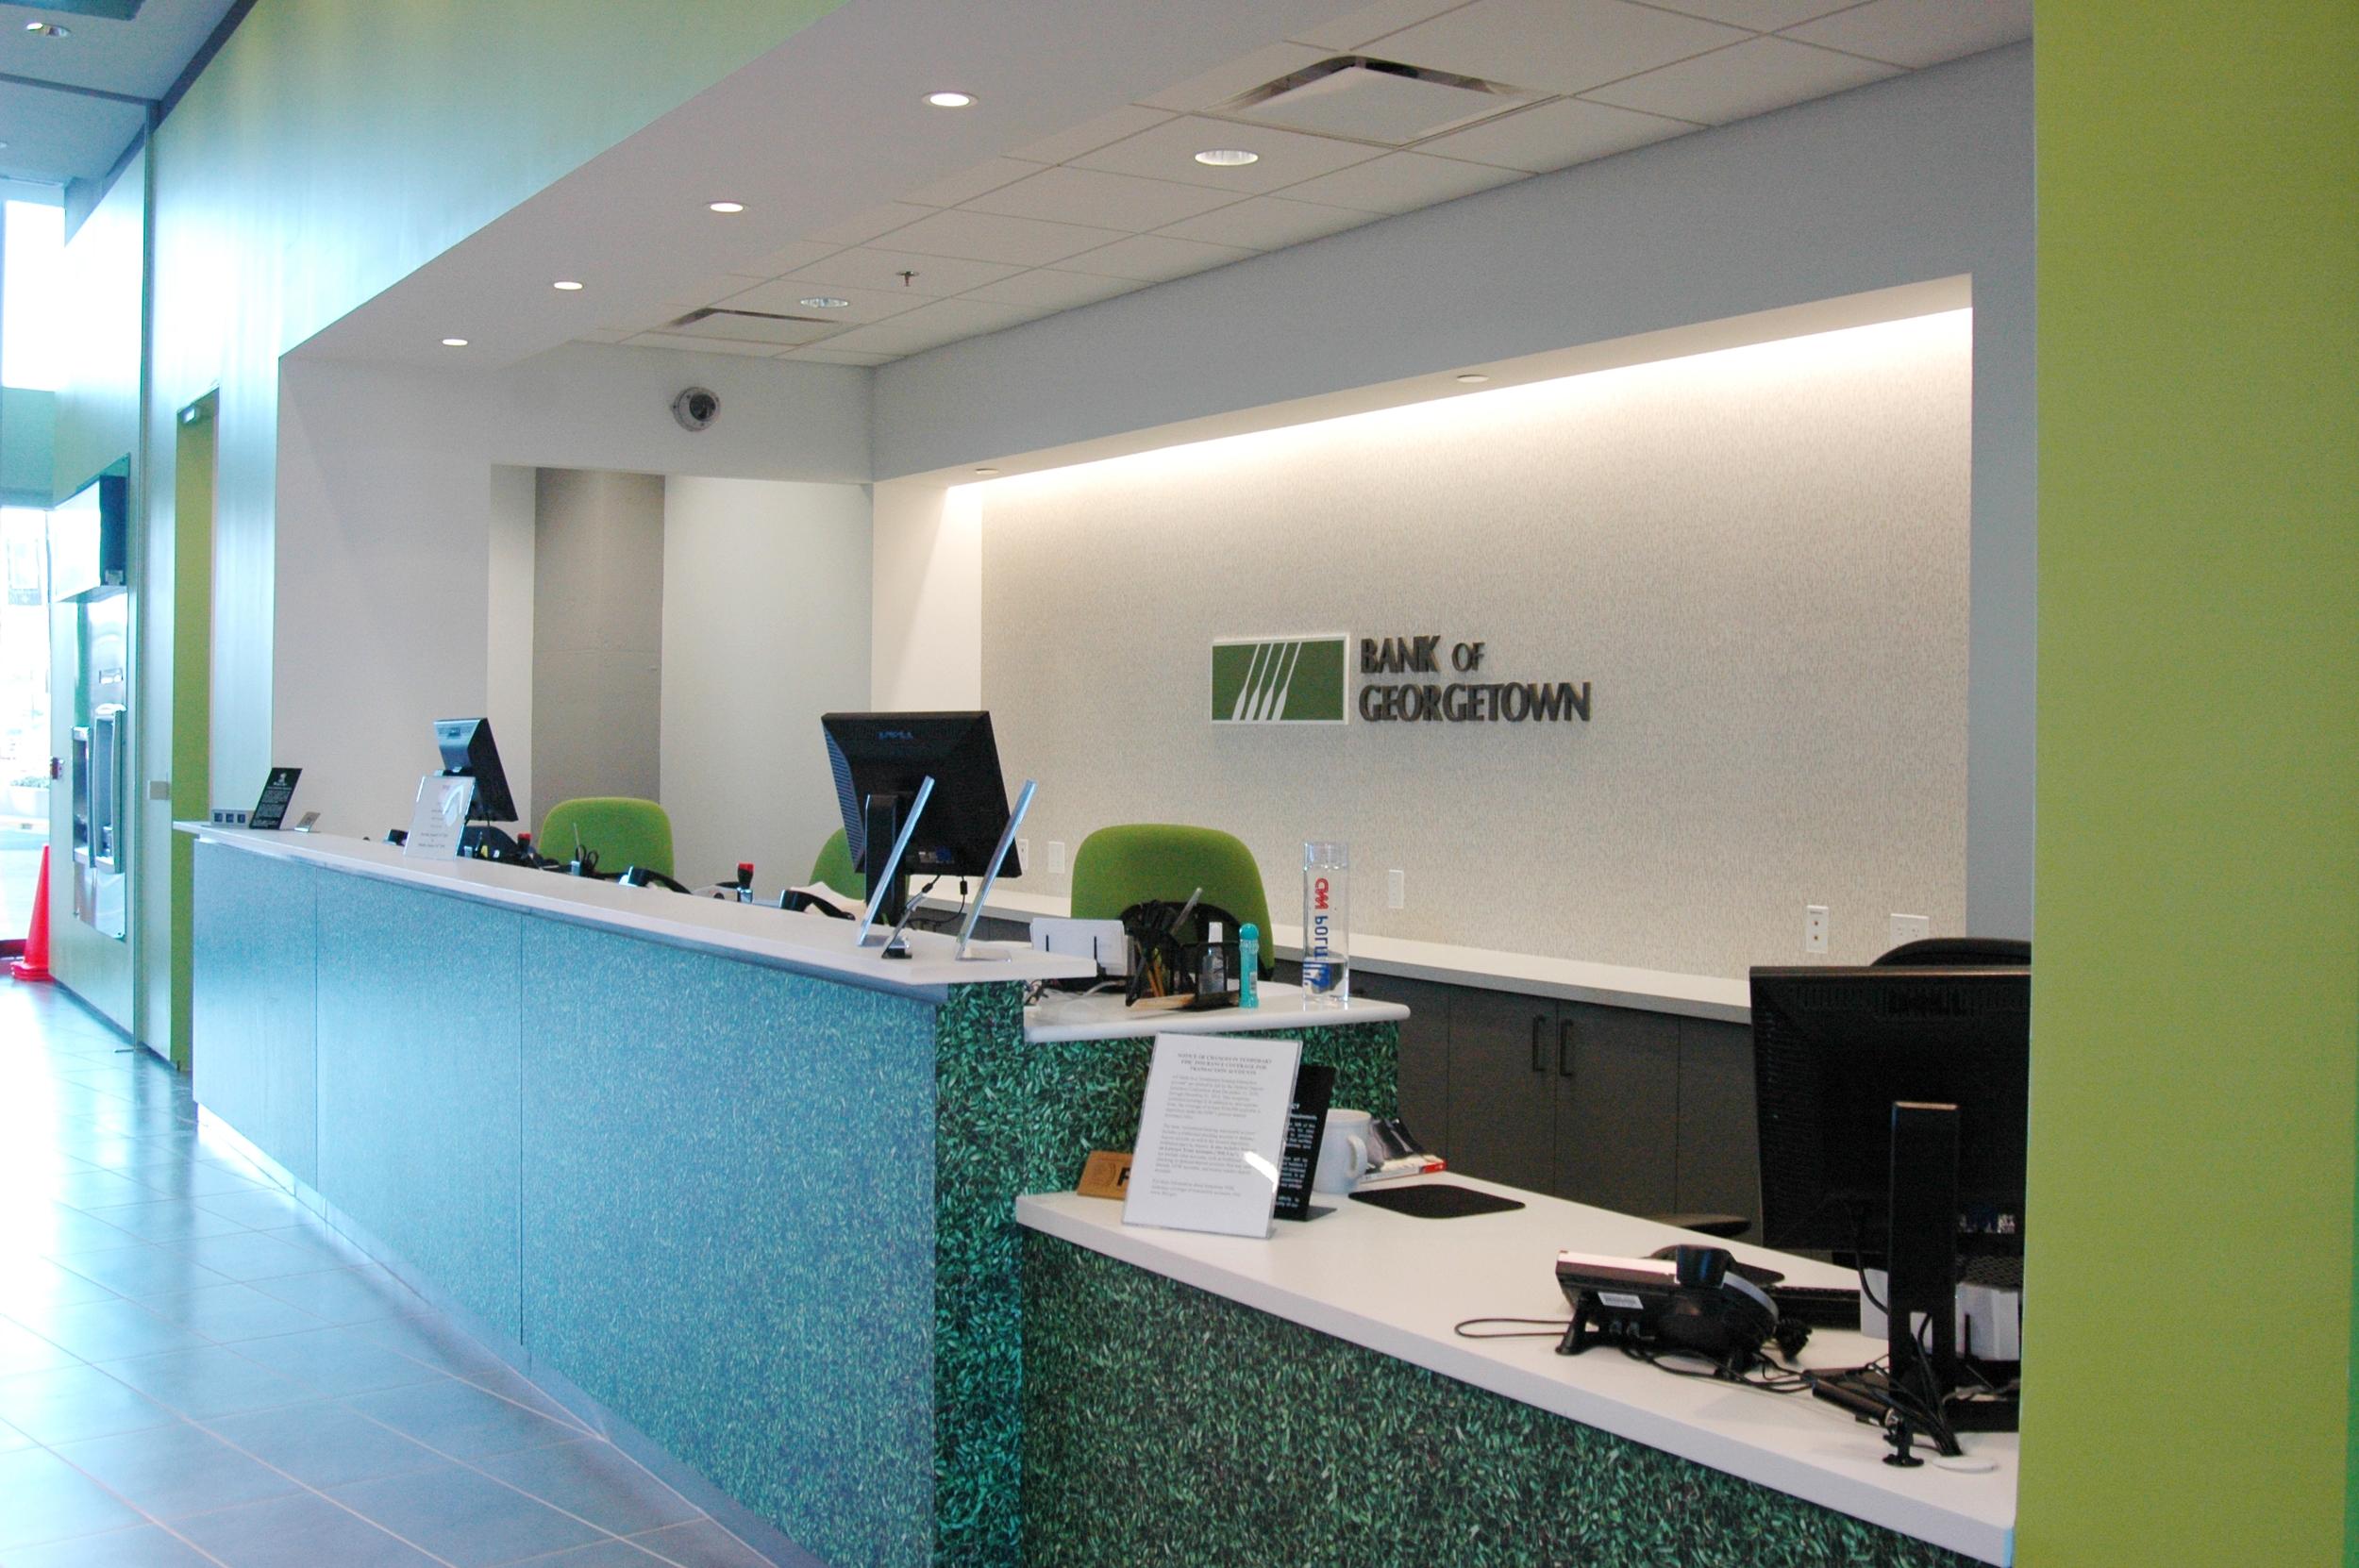 Bank of Georgetown